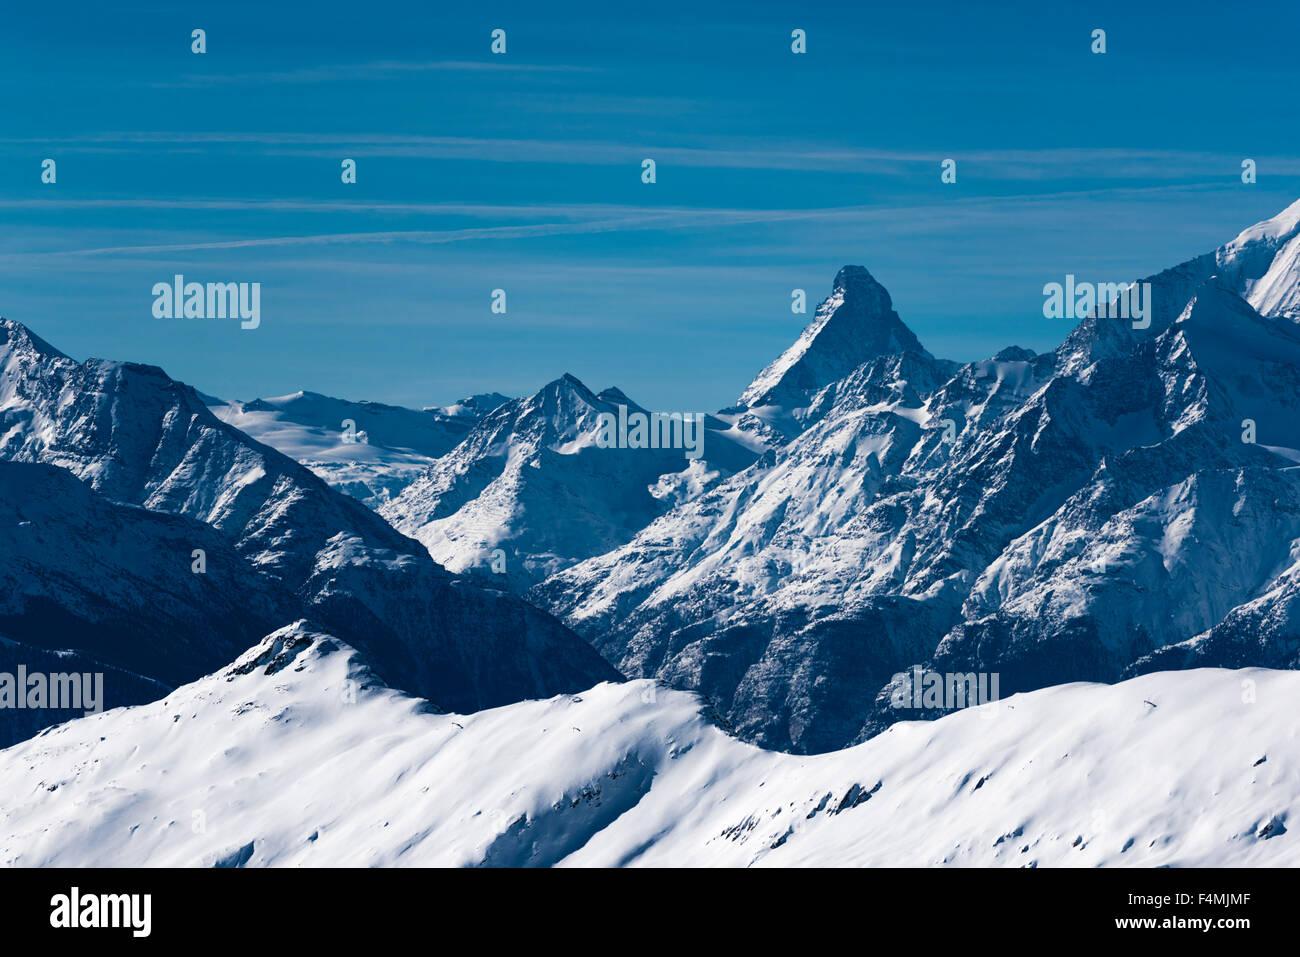 Valais alps with mount Matterhorn, seen from Belalp, Switzerland (canton Valais) - Stock Image